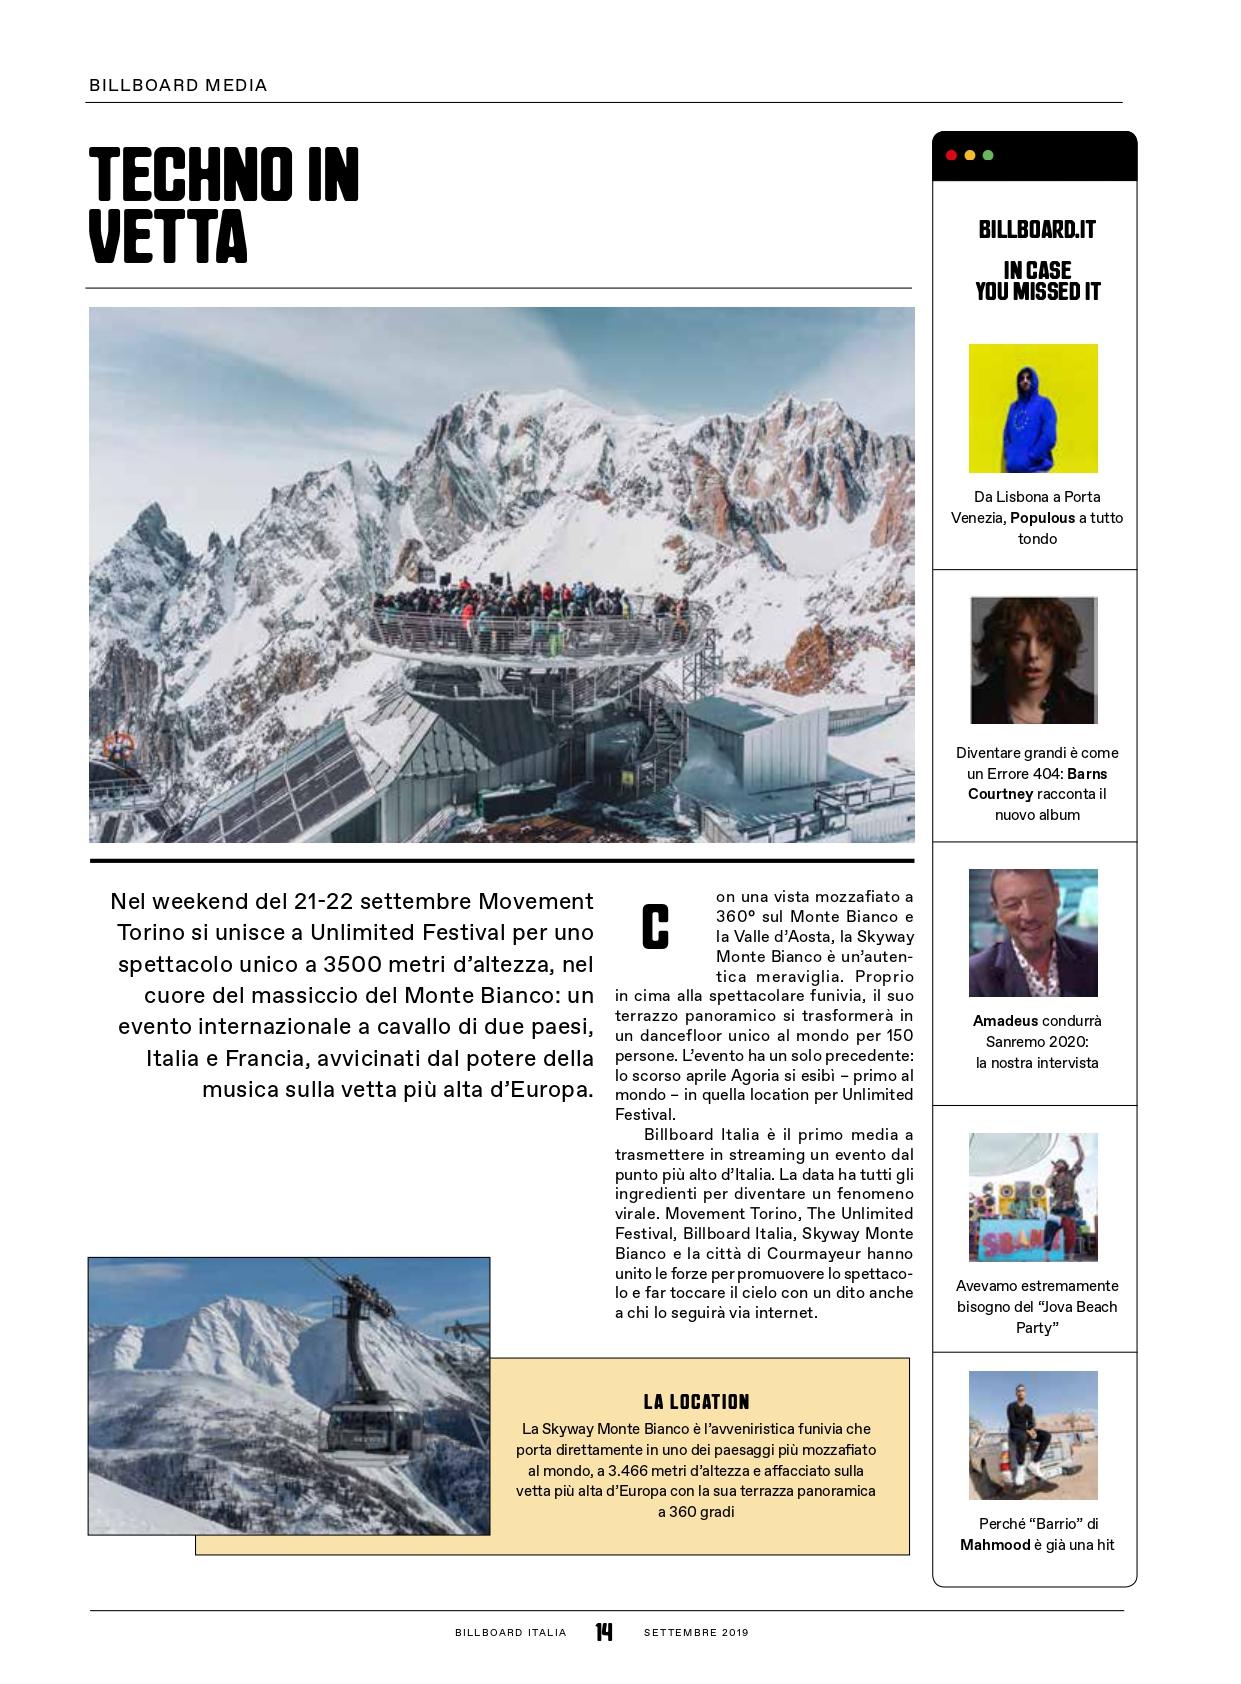 Techno In Vetta Movement